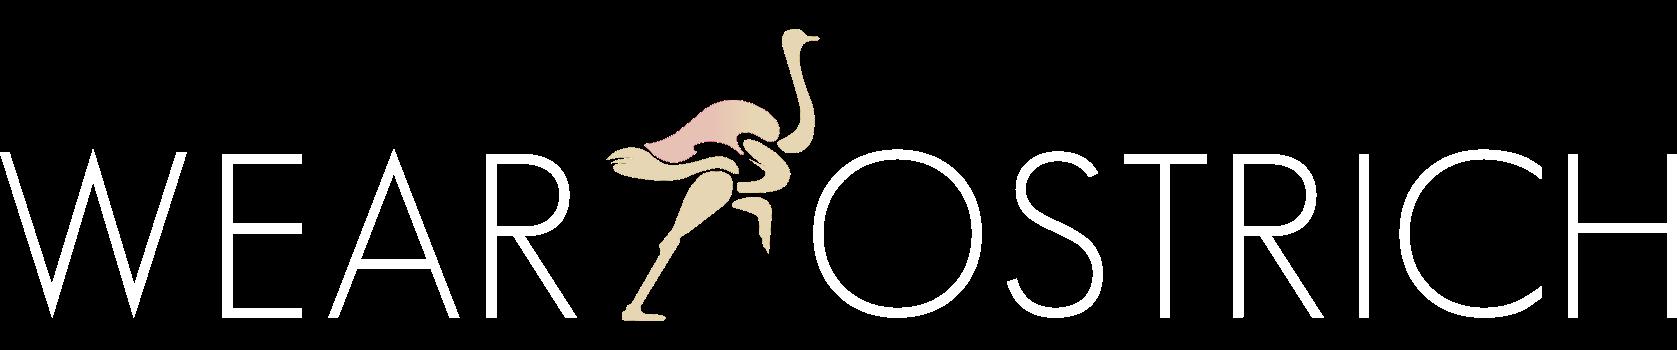 Wear Ostrich